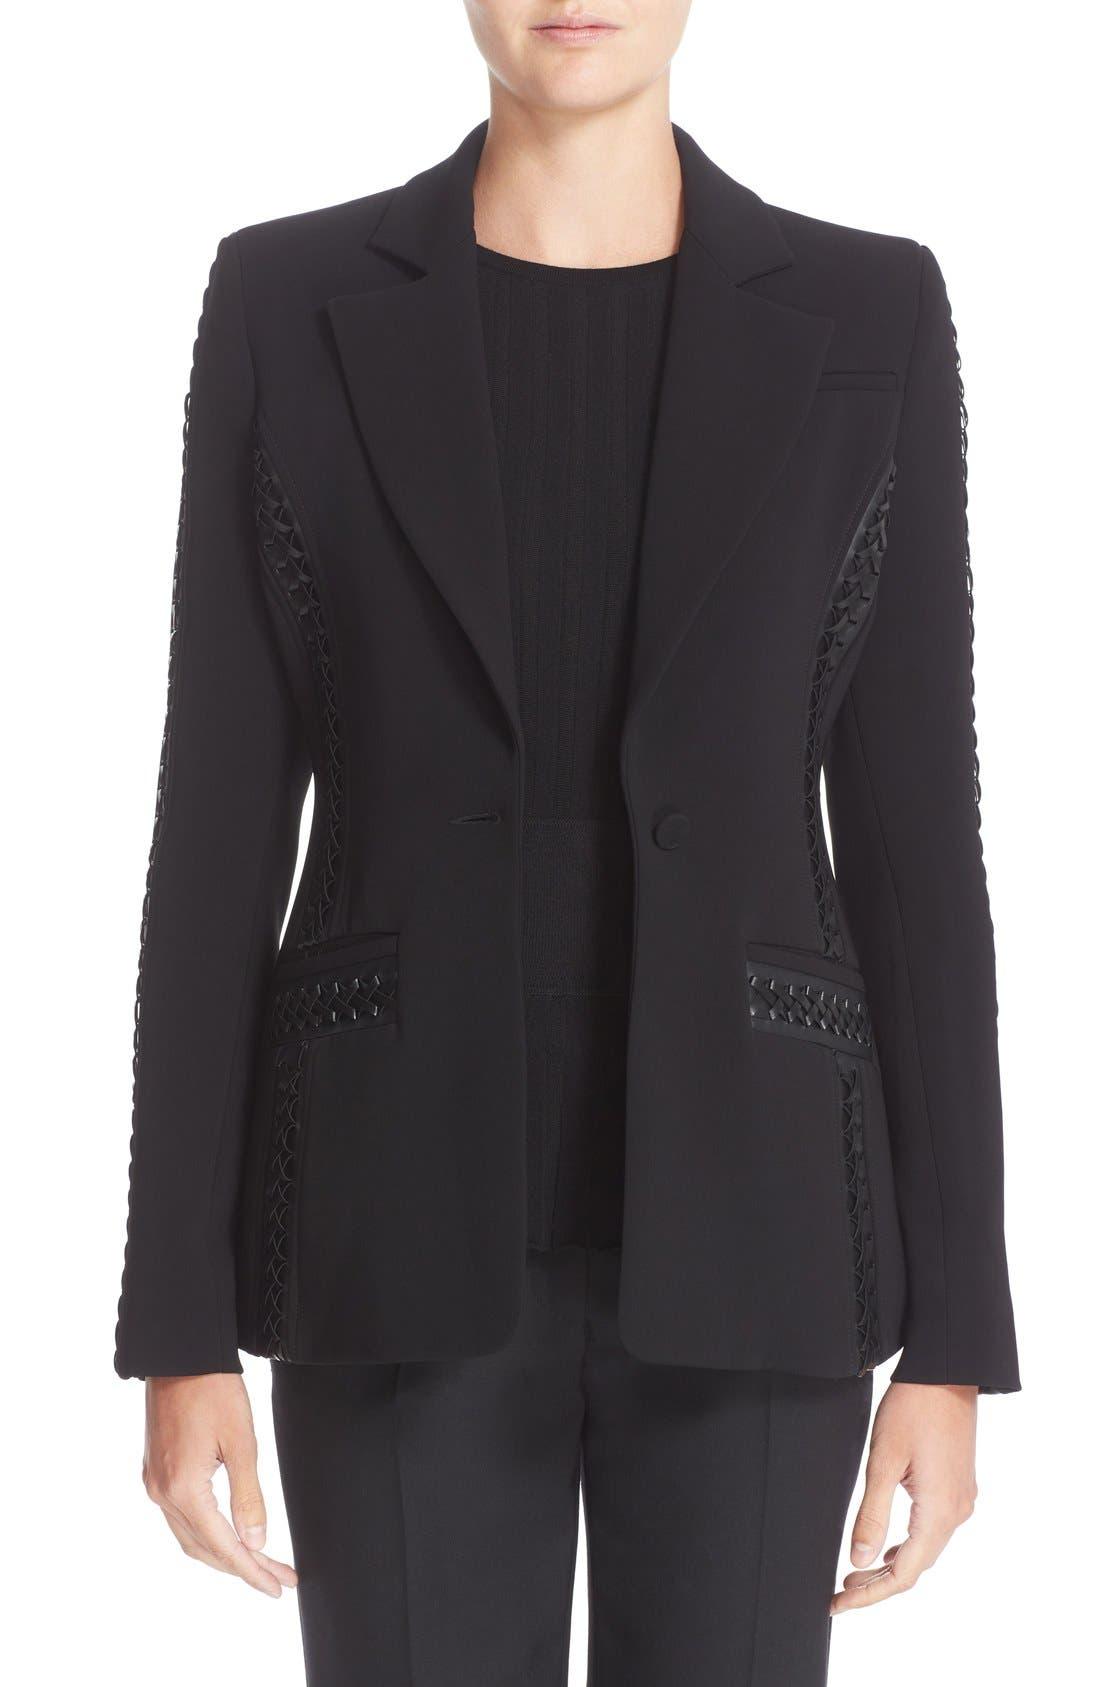 Acacia Lace Detail Jacket,                             Main thumbnail 1, color,                             Black